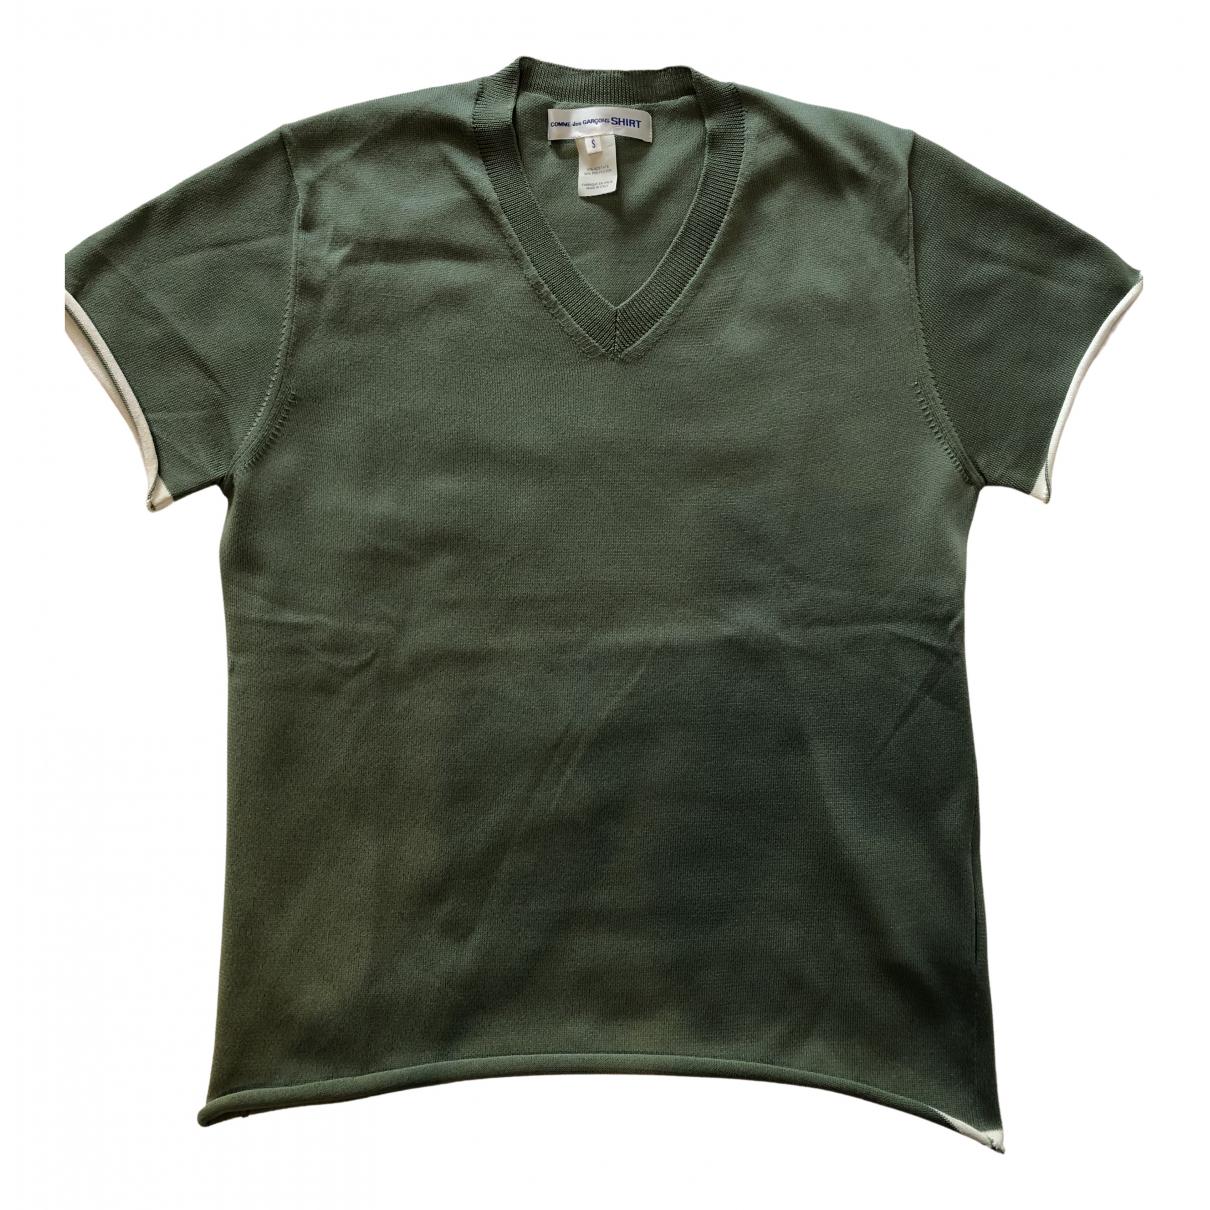 Comme Des Garcons - Tee shirts   pour homme - vert